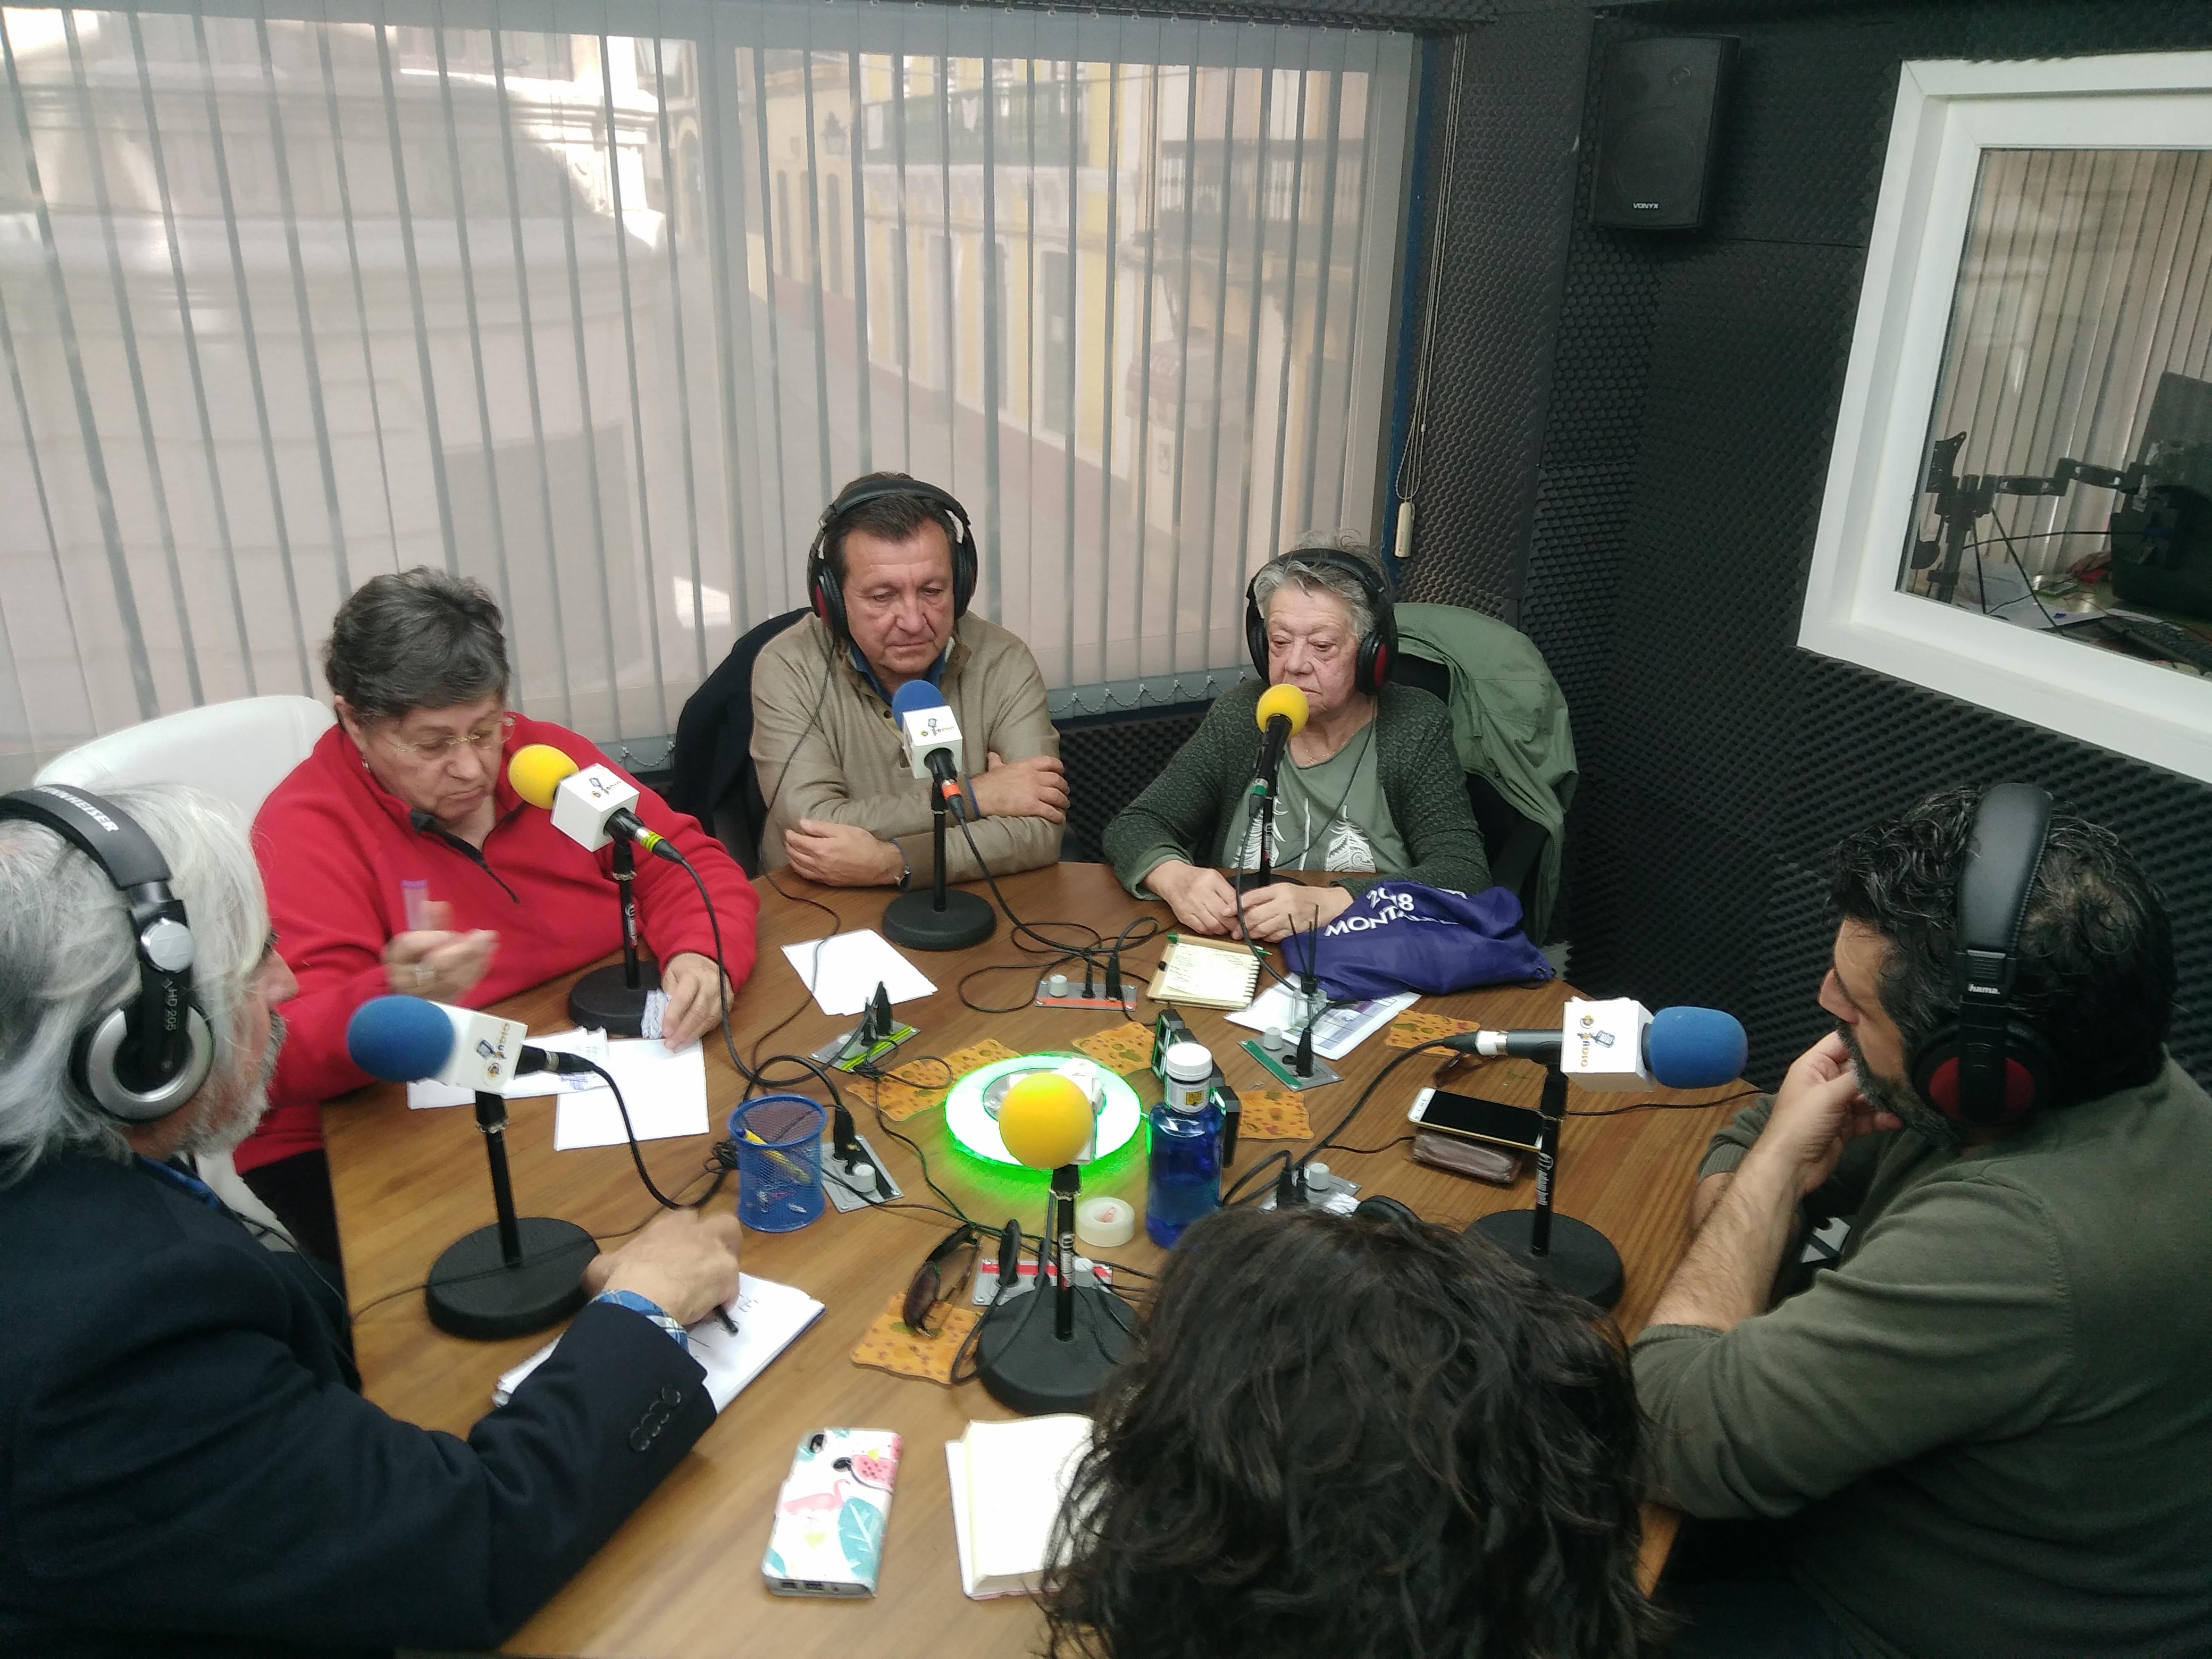 Vigésimo quinto programa de la 3ª temporada de ¡Qué tal!¿Cómo estamos? Con Inés Fontiveros y Álex Castellano